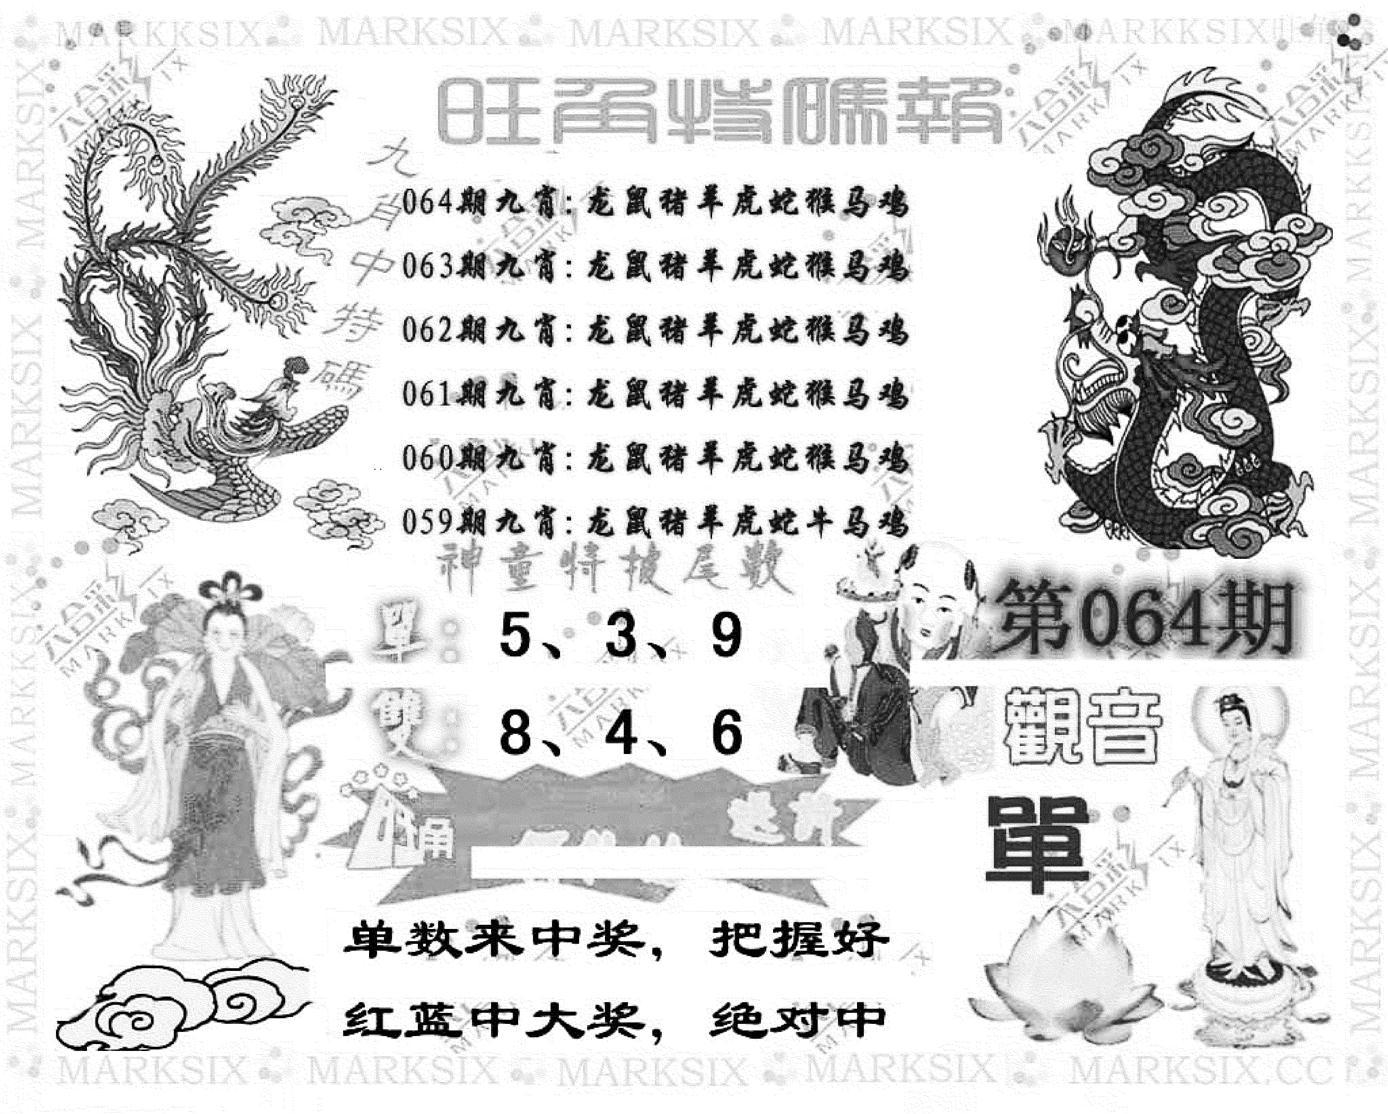 064期旺角特码报(彩)(黑白)